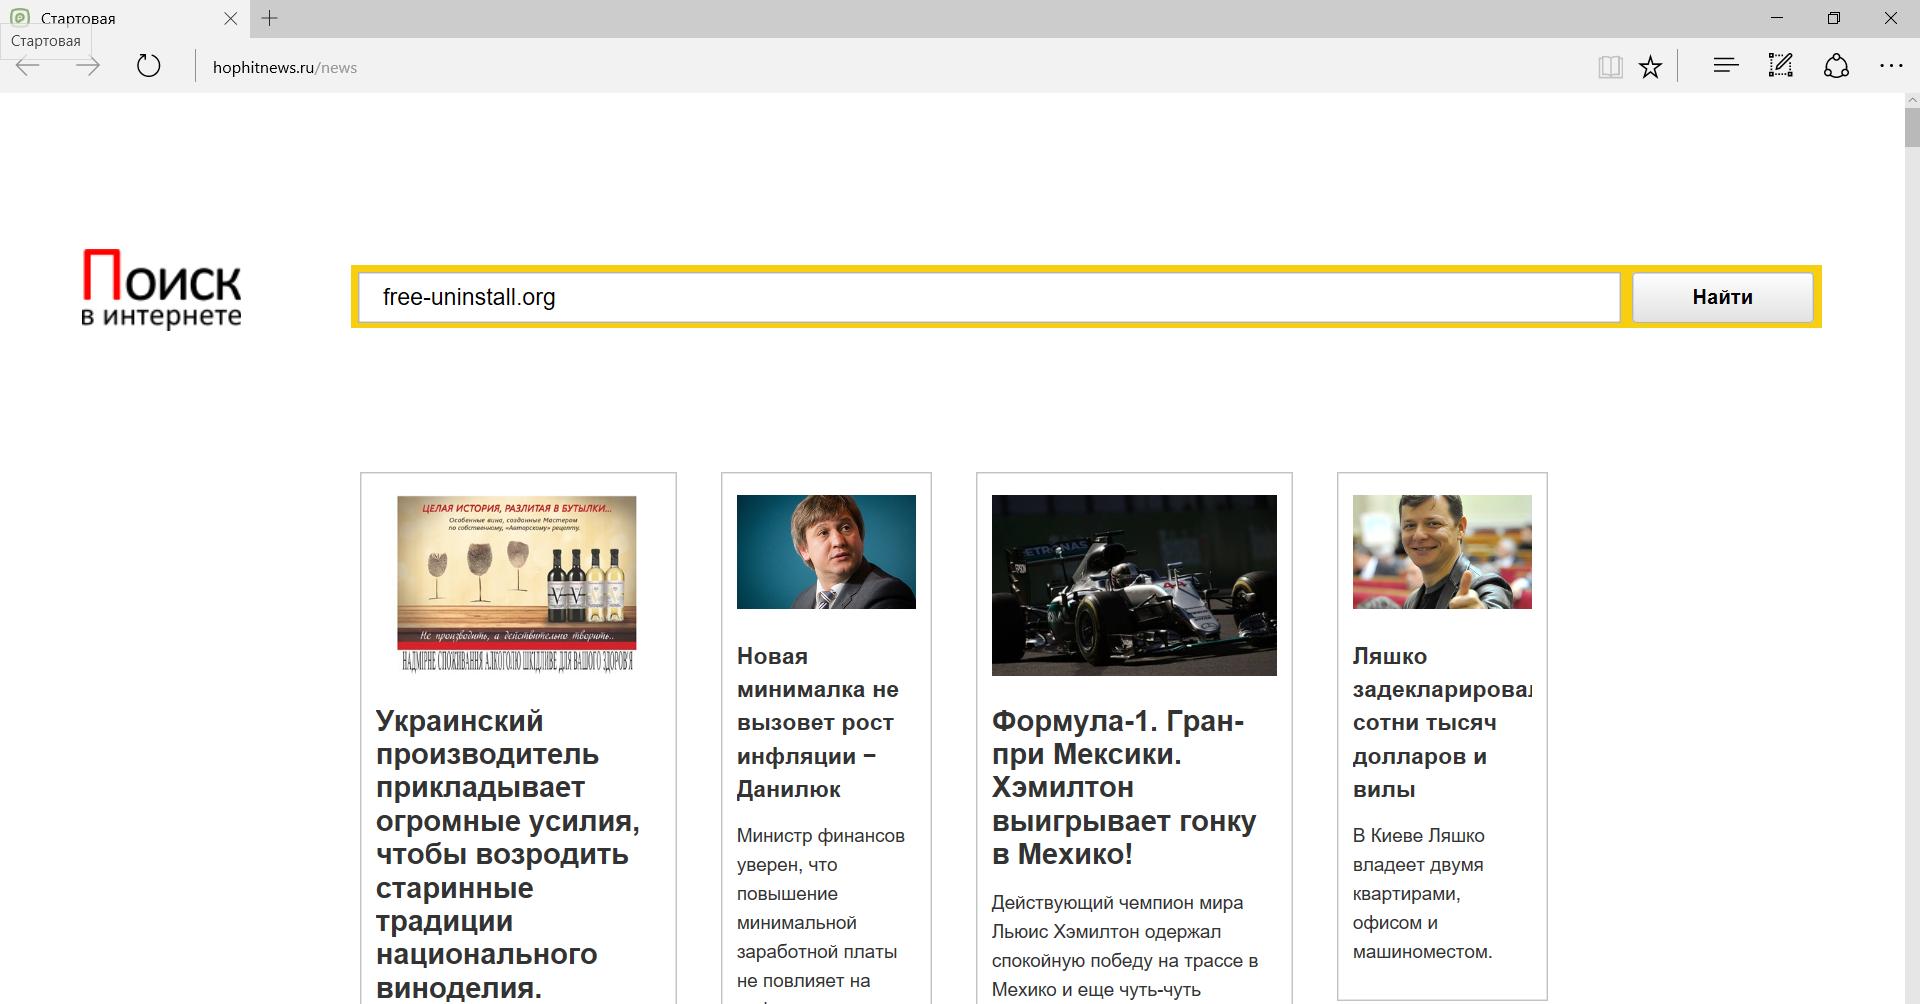 Hophitnews.ru Hijacker